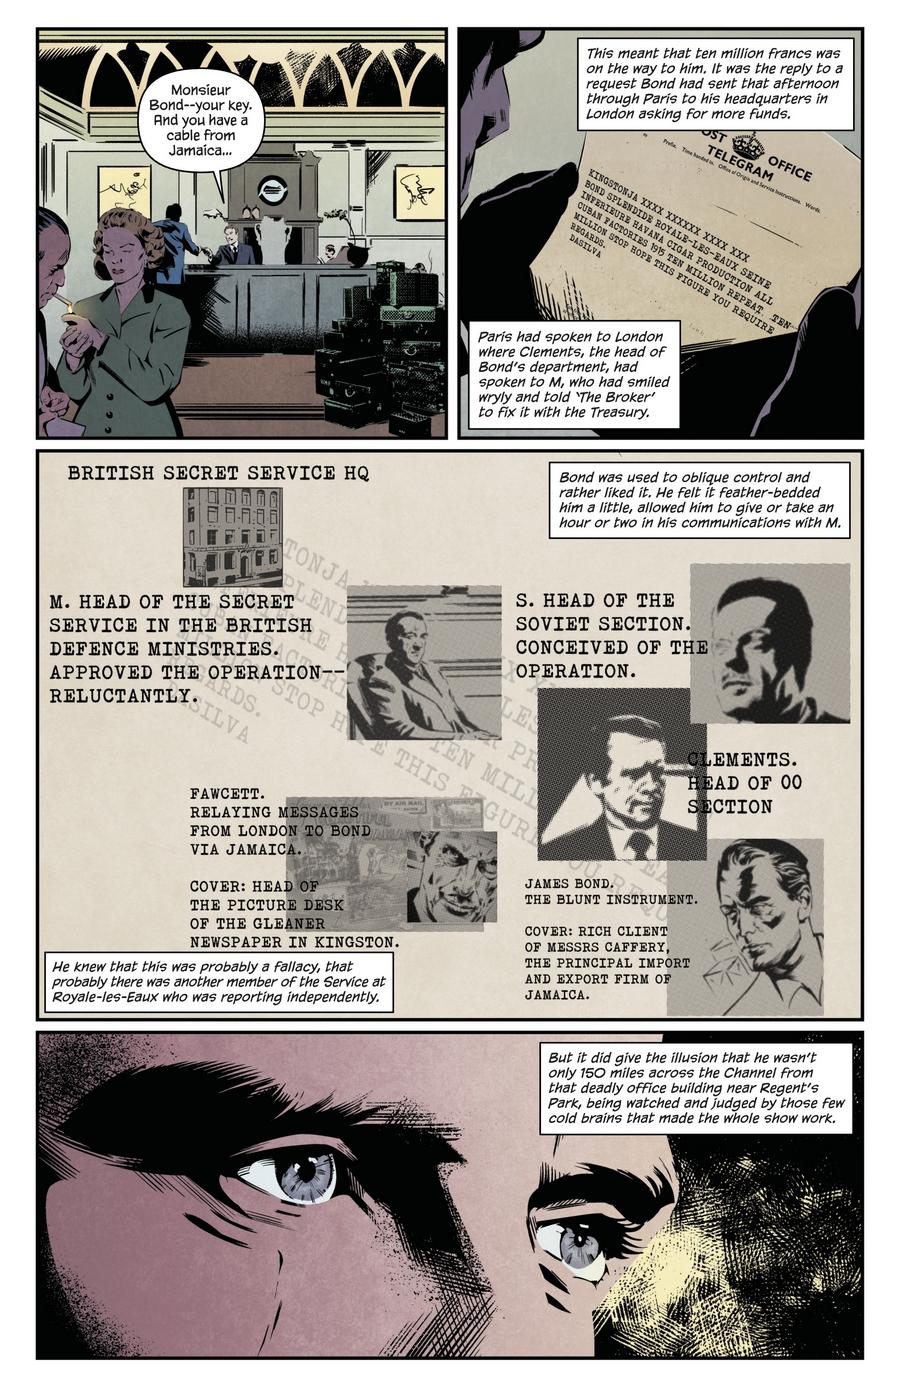 Casino Royale comics (4)